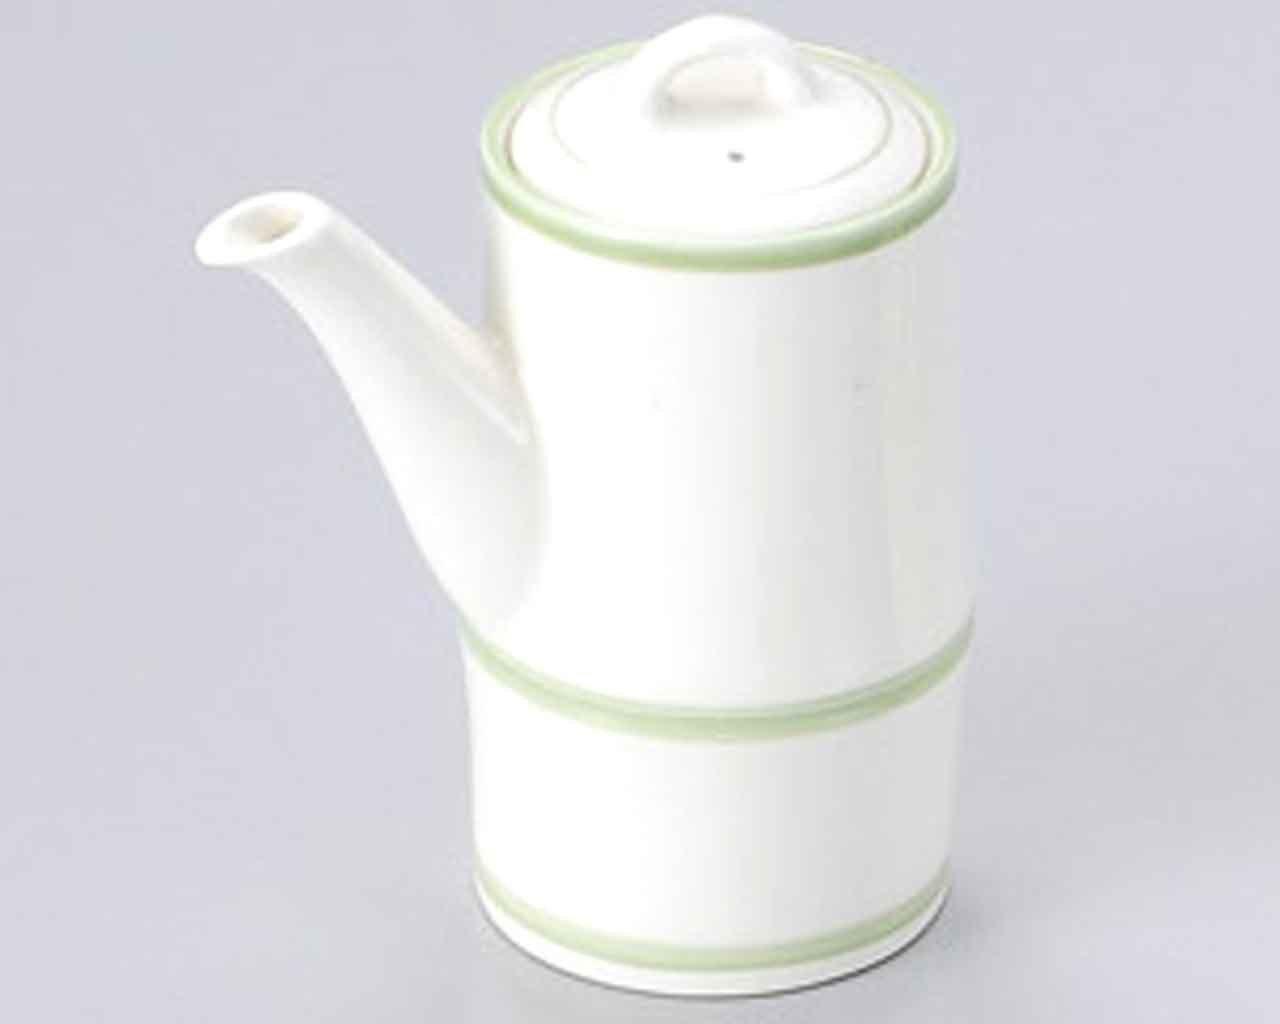 Green Lines 9.7cm Satz von 2 Sojasauce Flasche White porcelain Japanisch traditionell